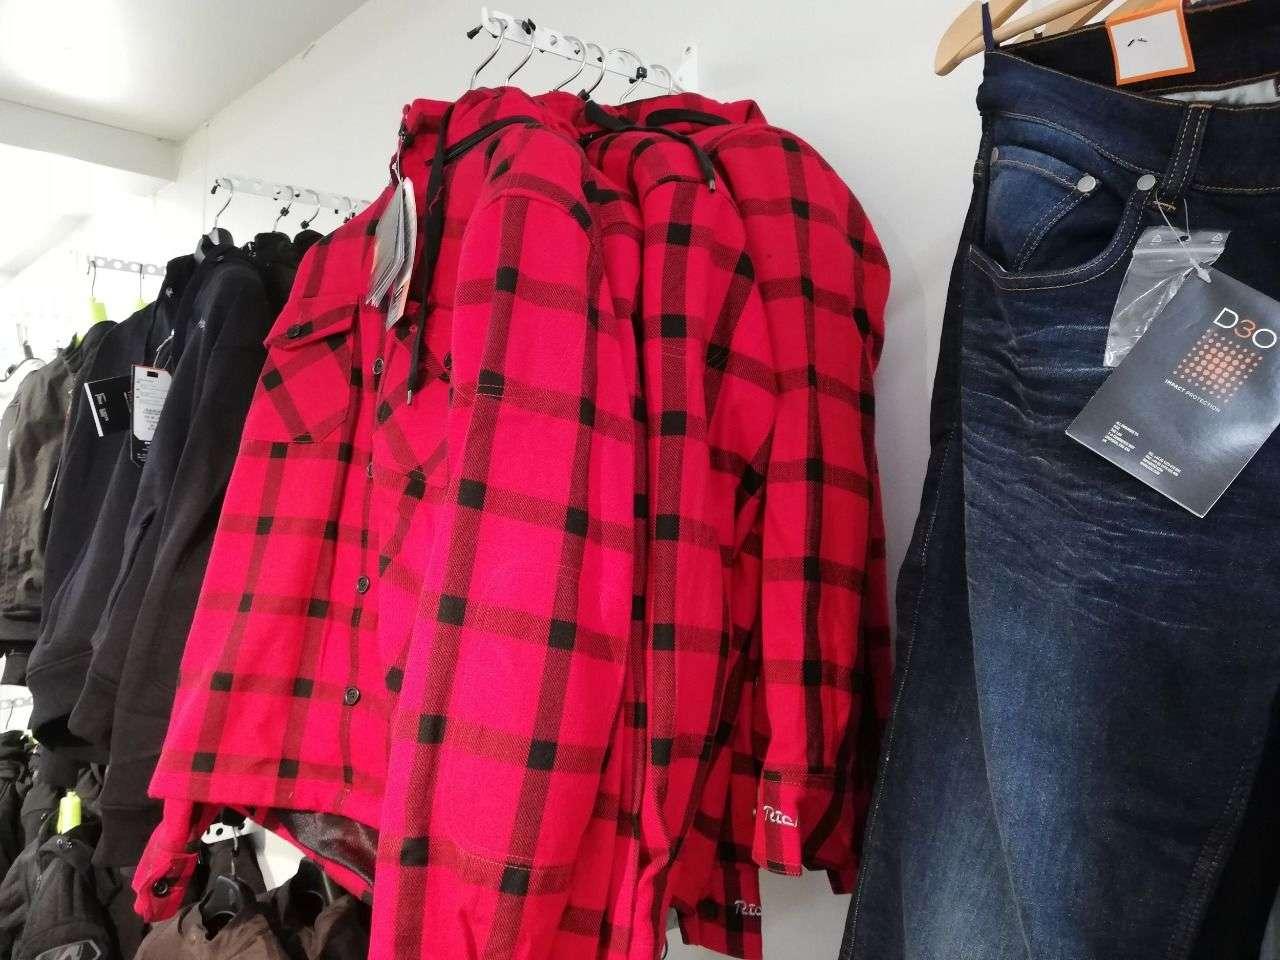 Neben Lederjacken und Textilkombis fertigt Richa auch Motorradjeans, Holzfällerhemden und Sweatshirts mit D3O-Protektoren.